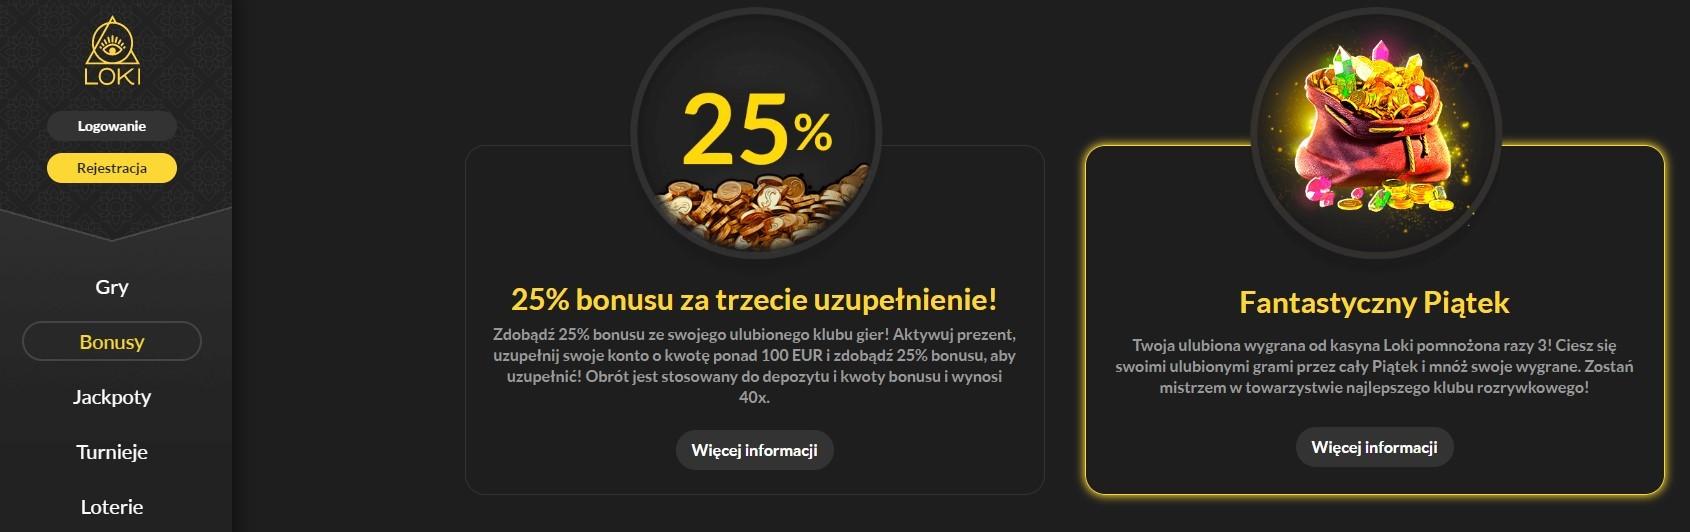 loki bonus